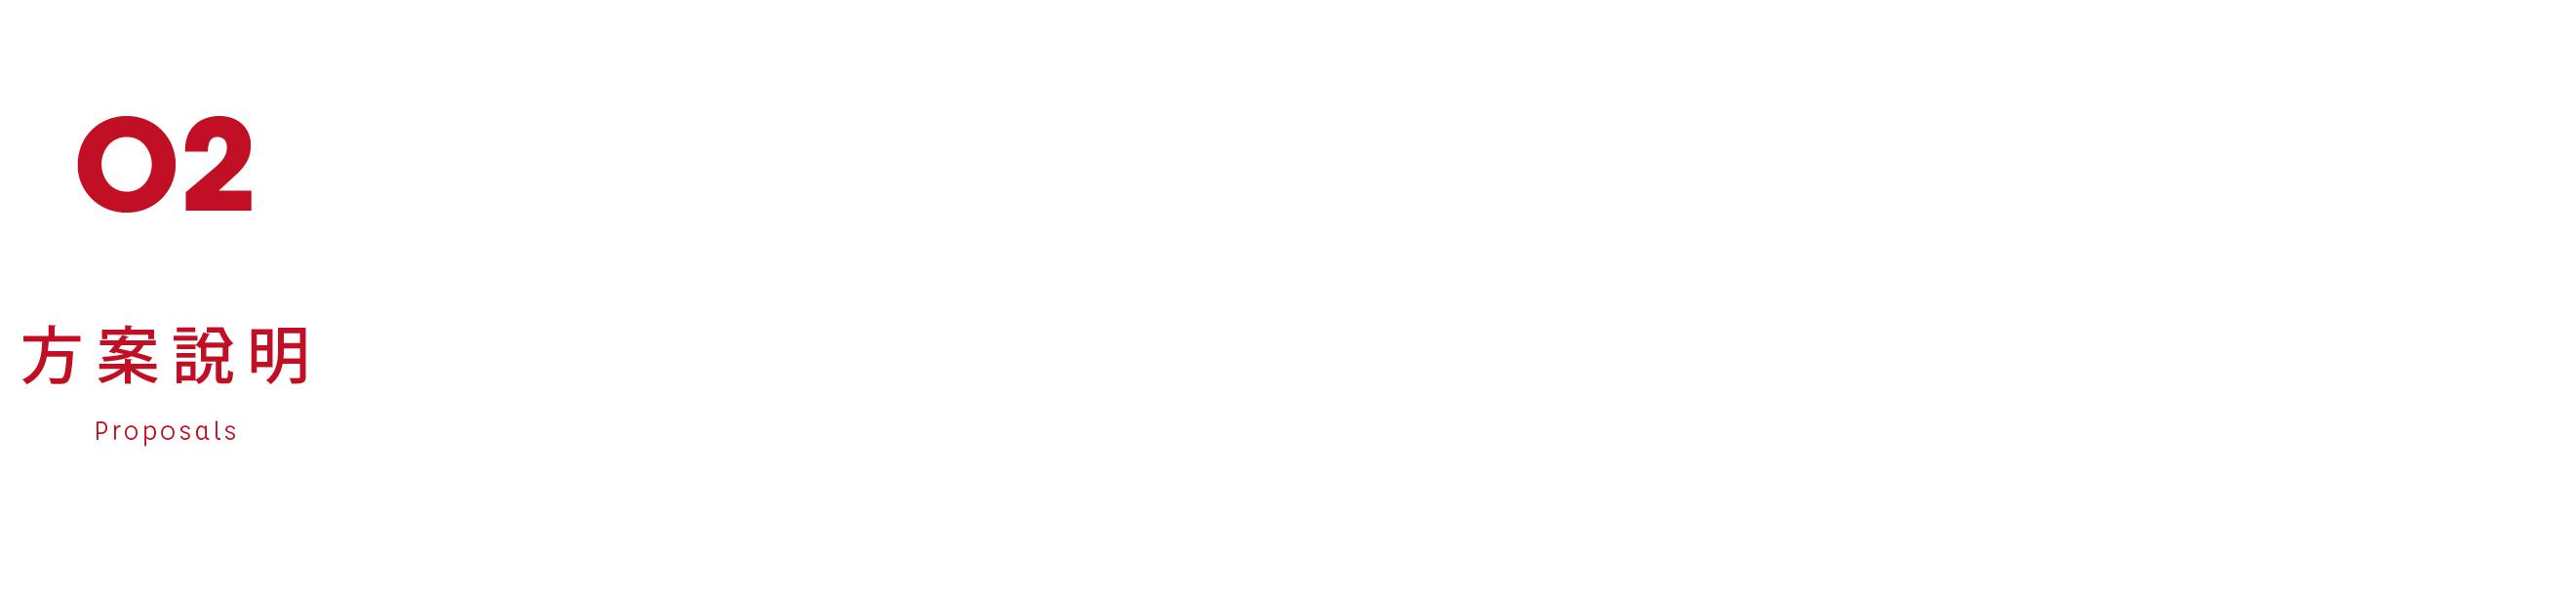 甘樂文創社創良品採購型錄2_工作區域 1 複本 37.jpg